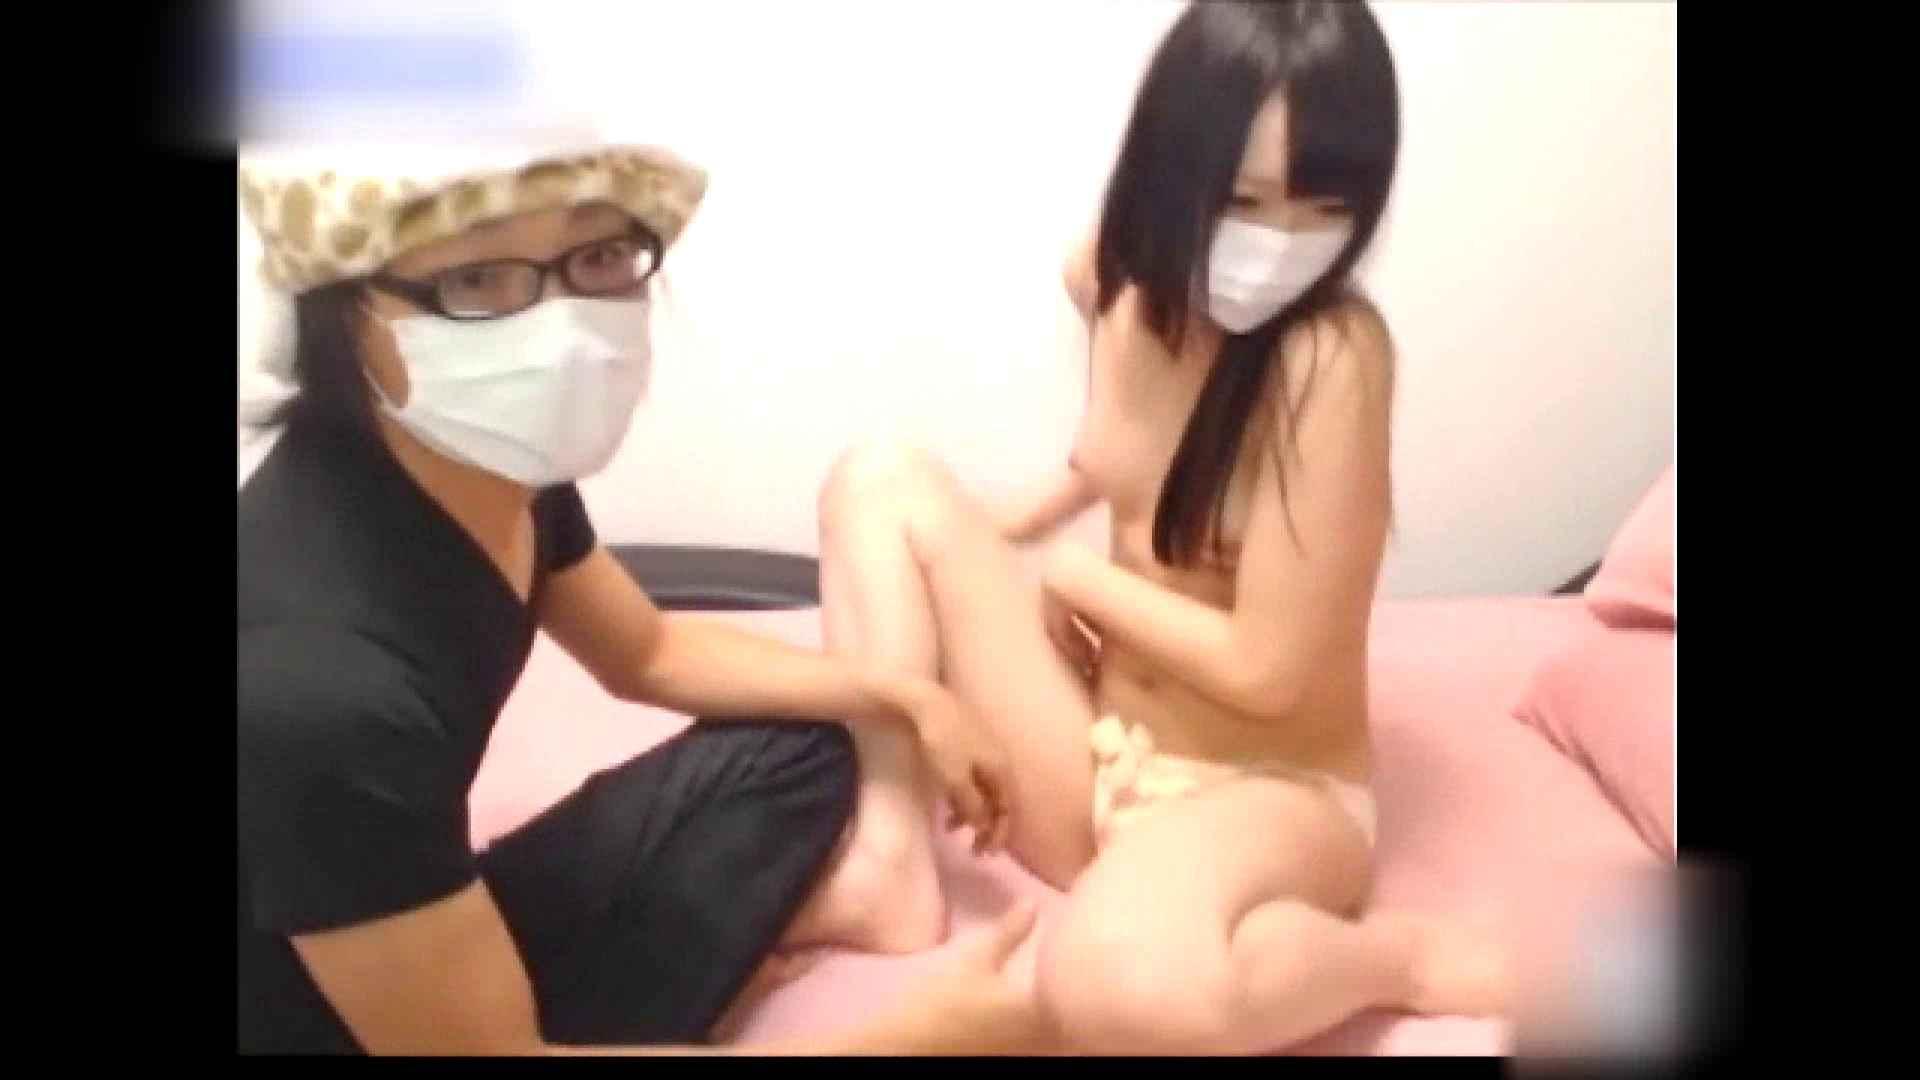 アッと驚くハメ五郎 Vol.04 美女 すけべAV動画紹介 85枚 52